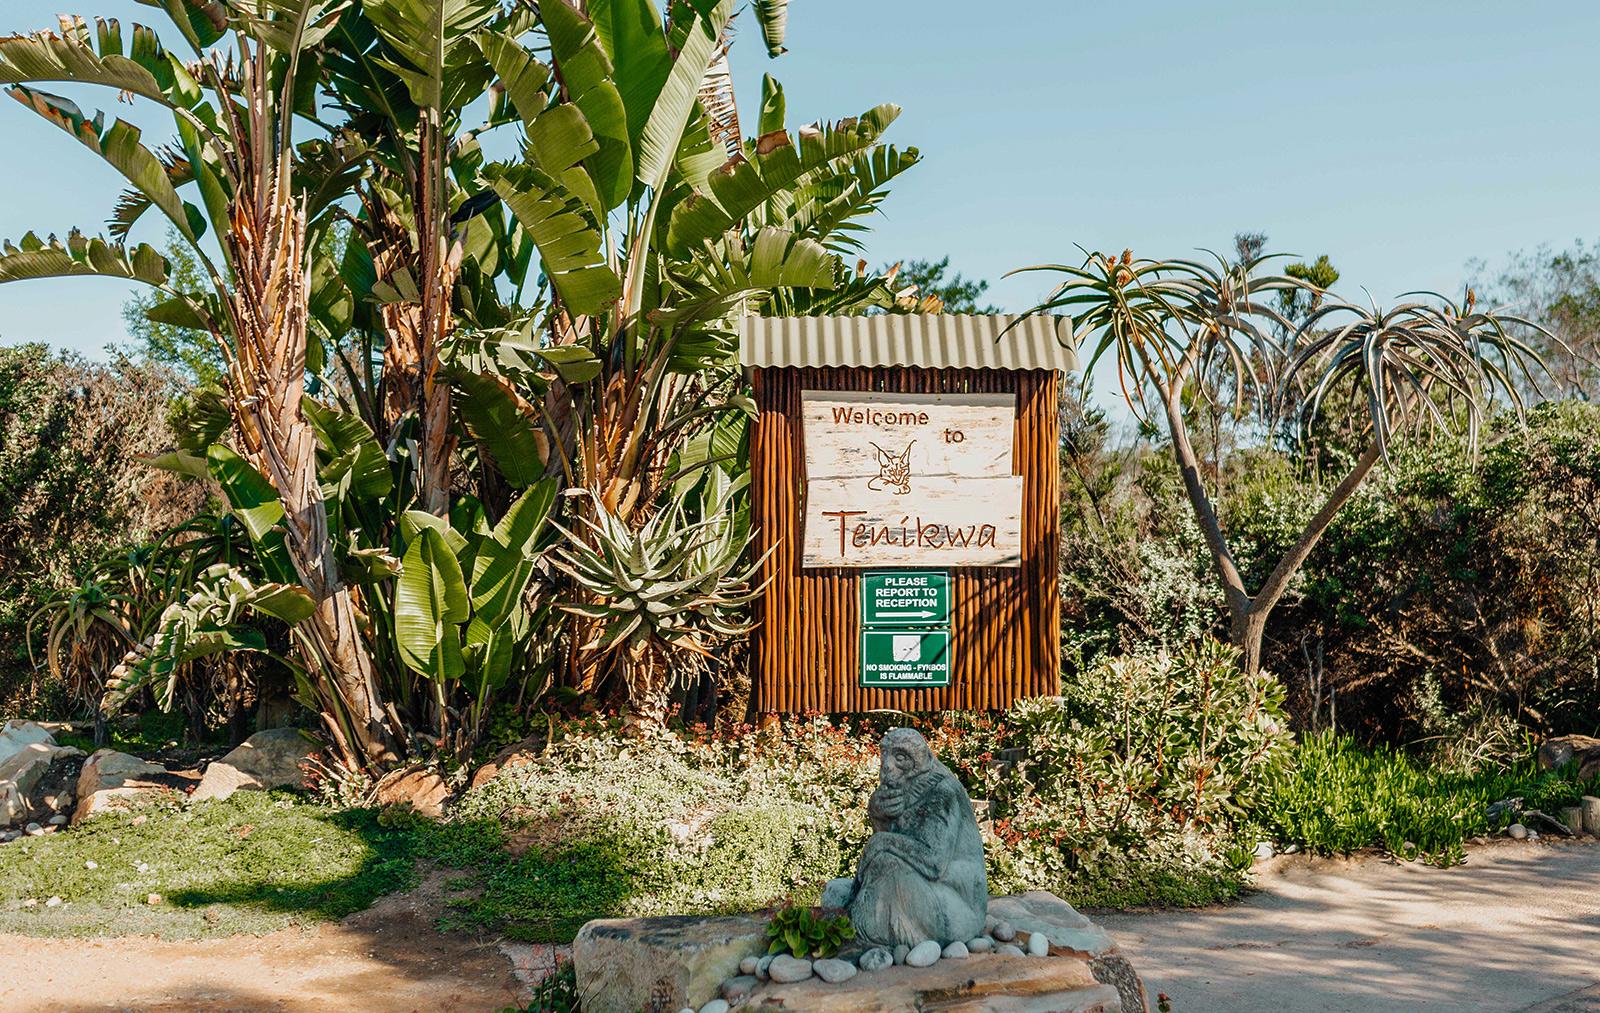 Tenikwa Wildlife Awareness Center